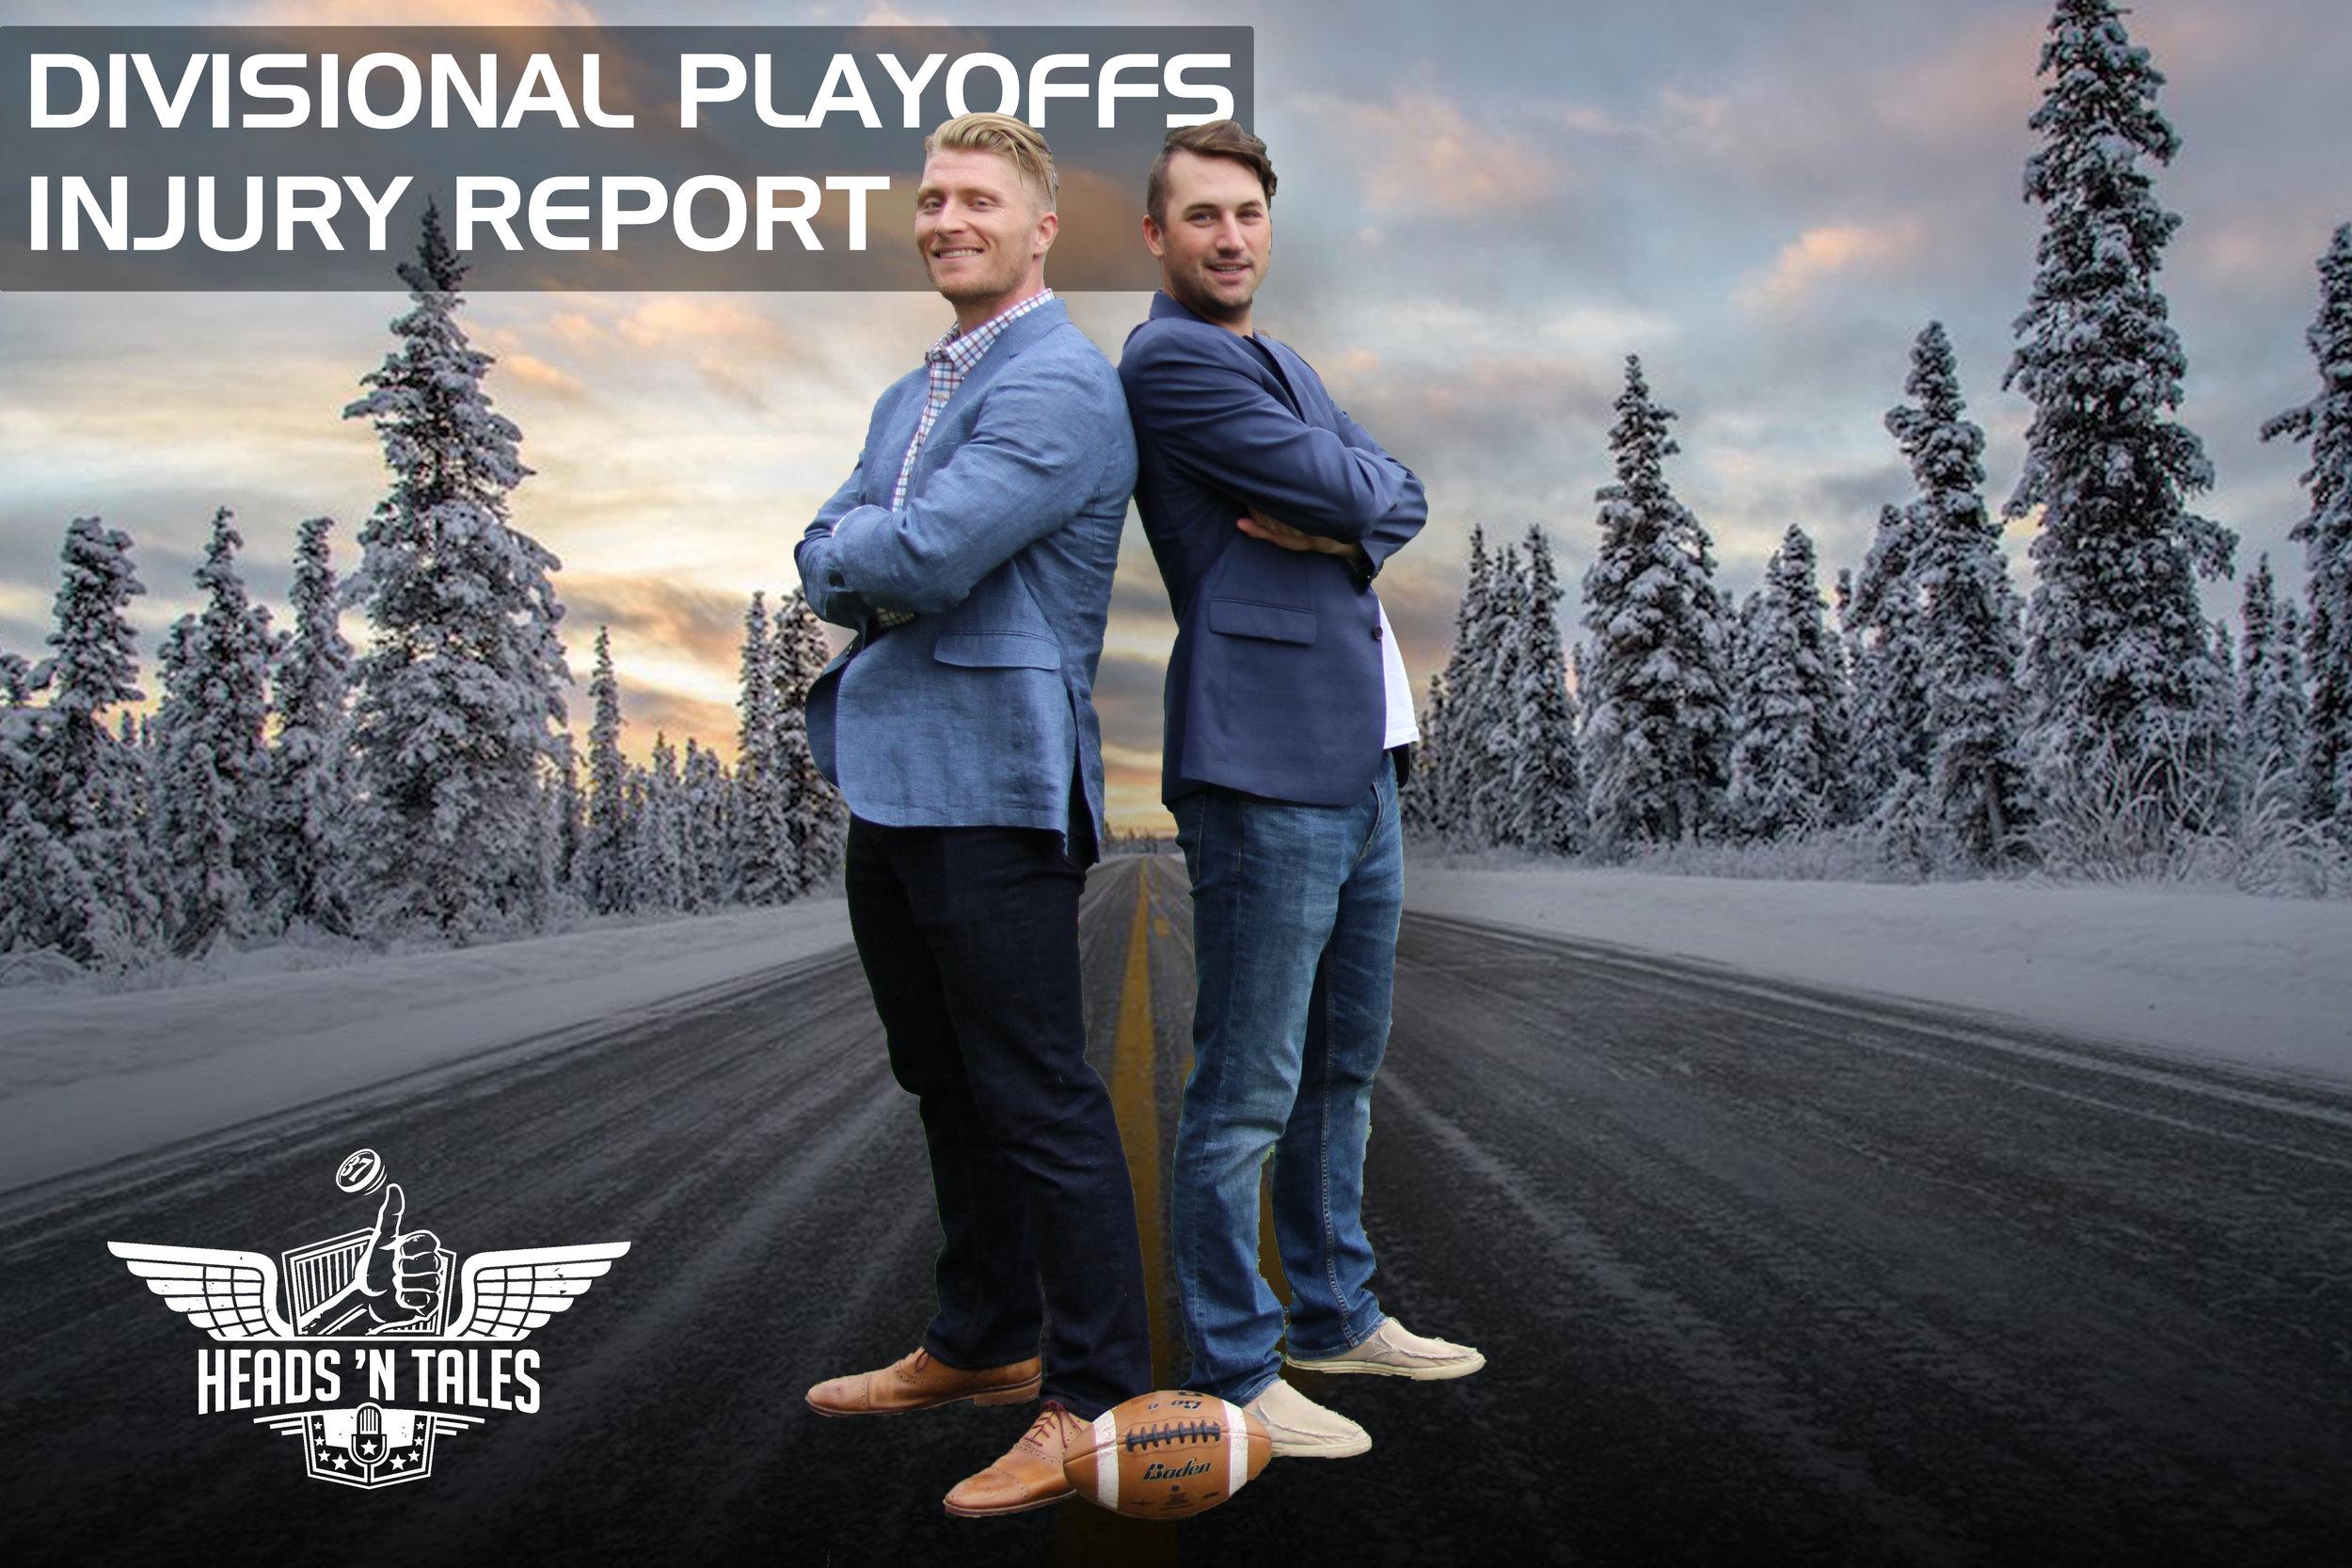 divisional playoffs 2.jpg